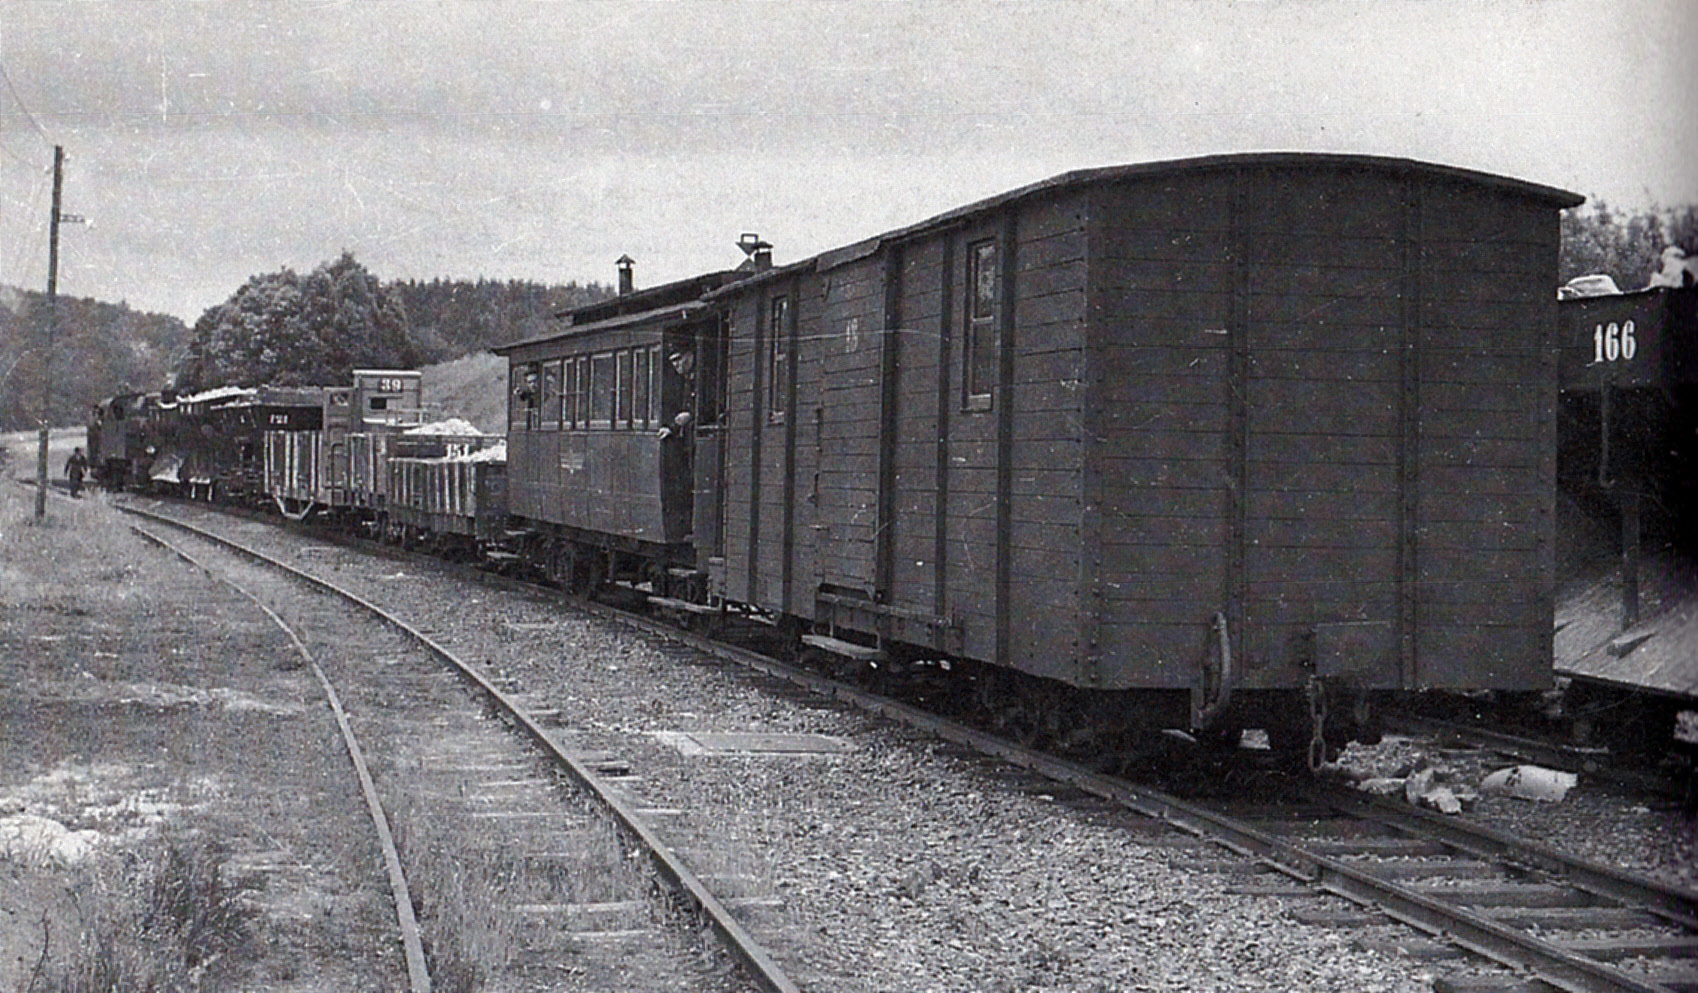 der fast baugleiche Wagen 18 war noch ein reiner Güterwagen, ohne Stirntür